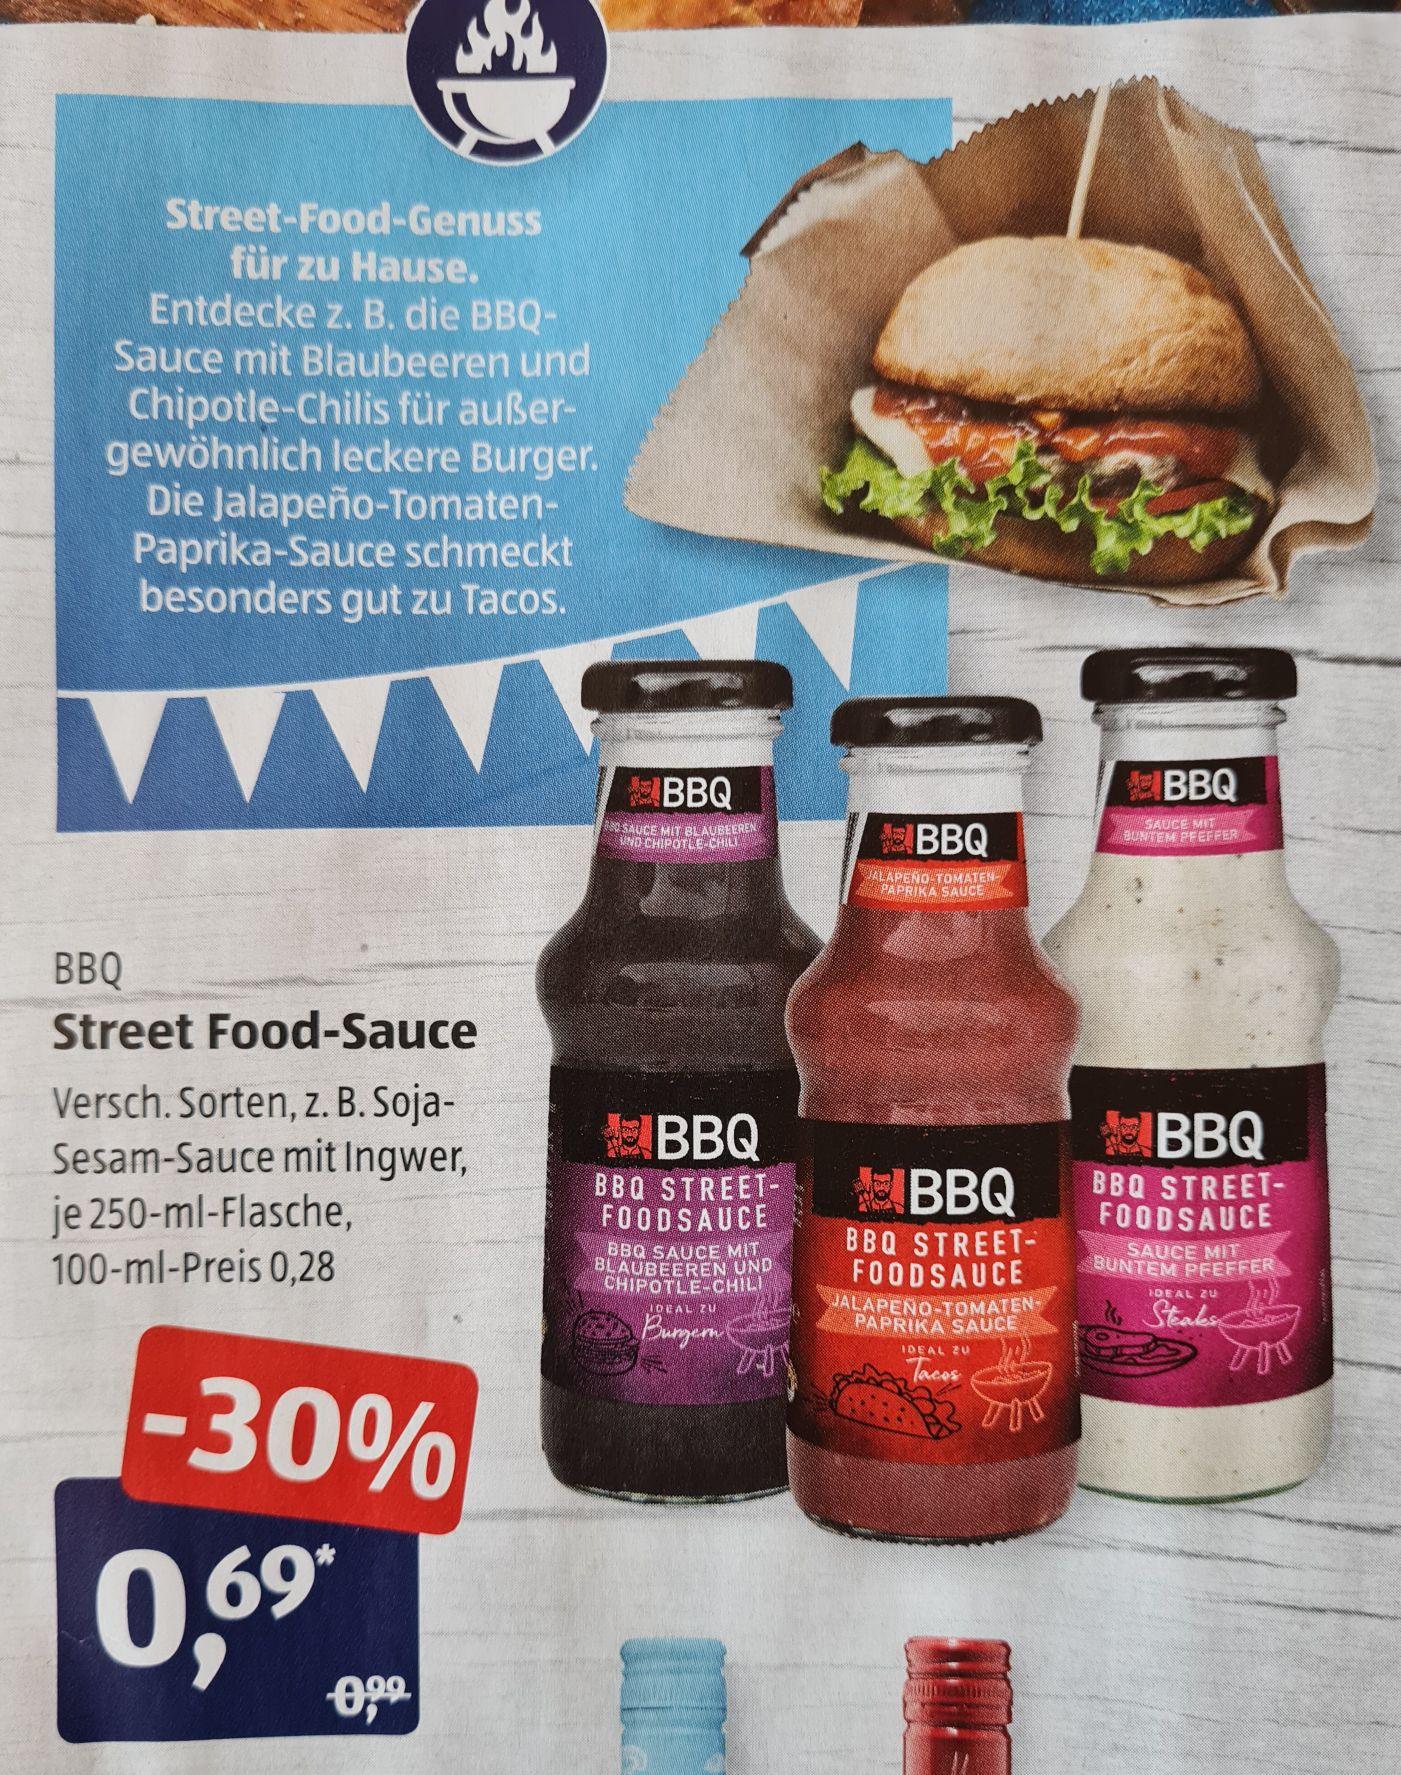 BBQ Street Food-Sauce und BBQ Salatdressing für 0,79€ statt 0,99€ verschiedene Sorten je 250 ml ab 19.04 Aldi Süd